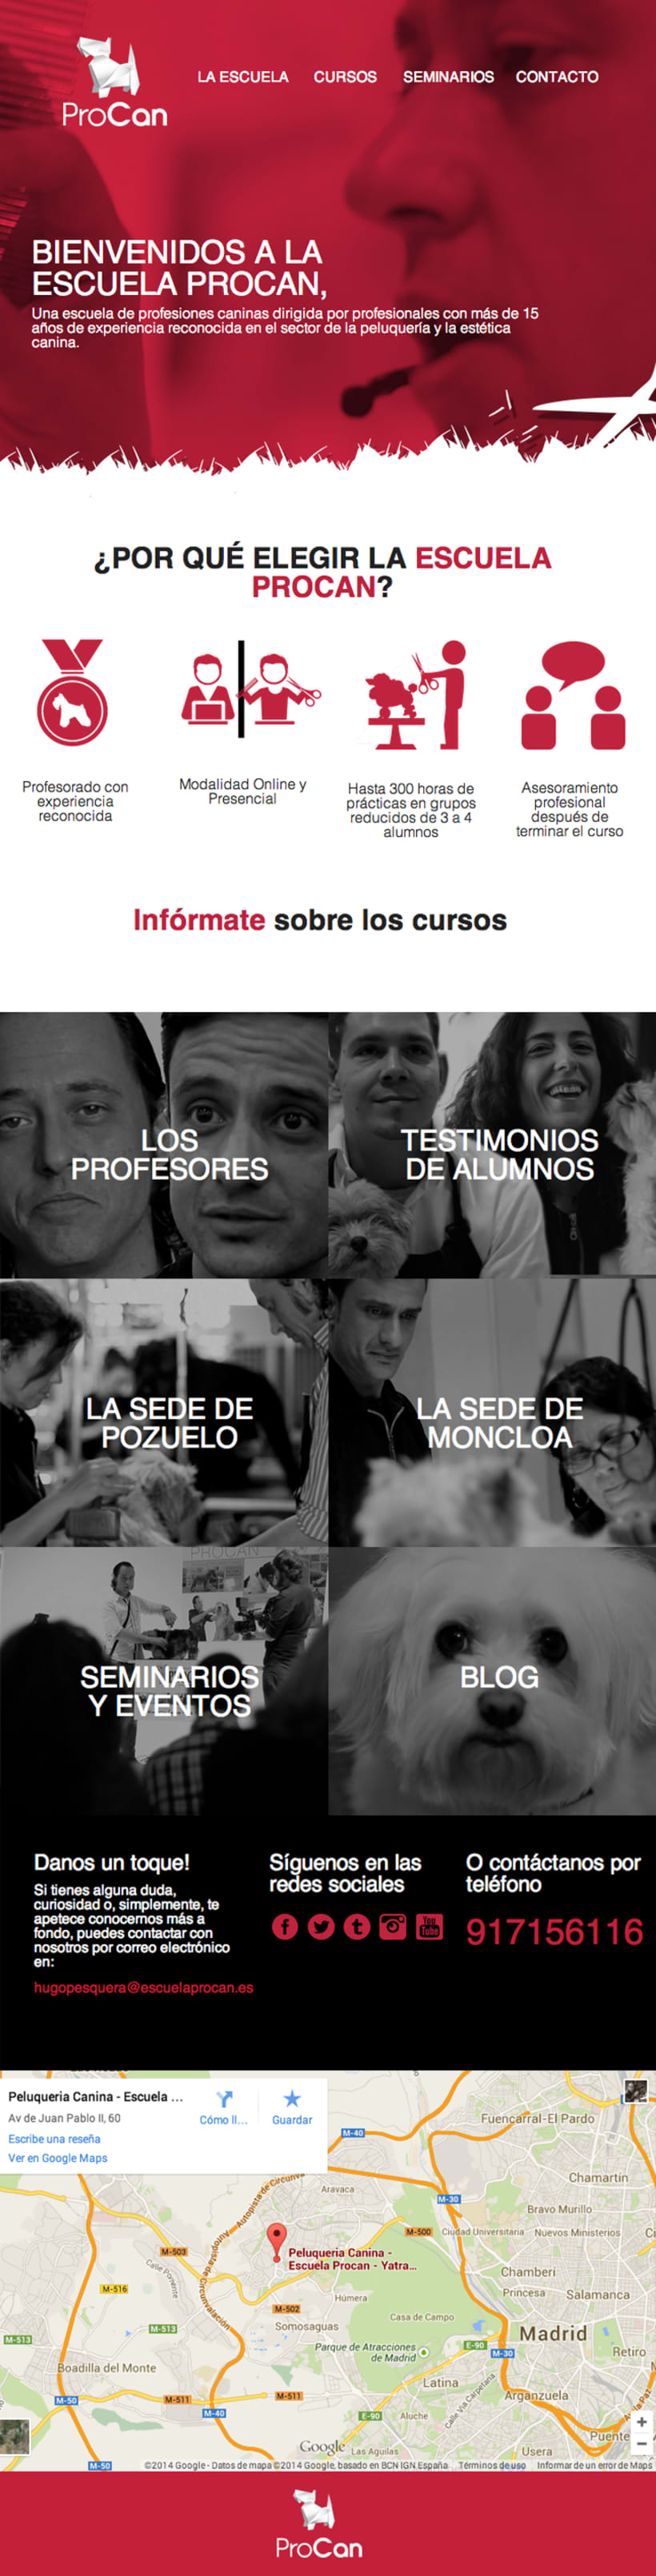 Web Escuela Procan (profesiones caninas) -1